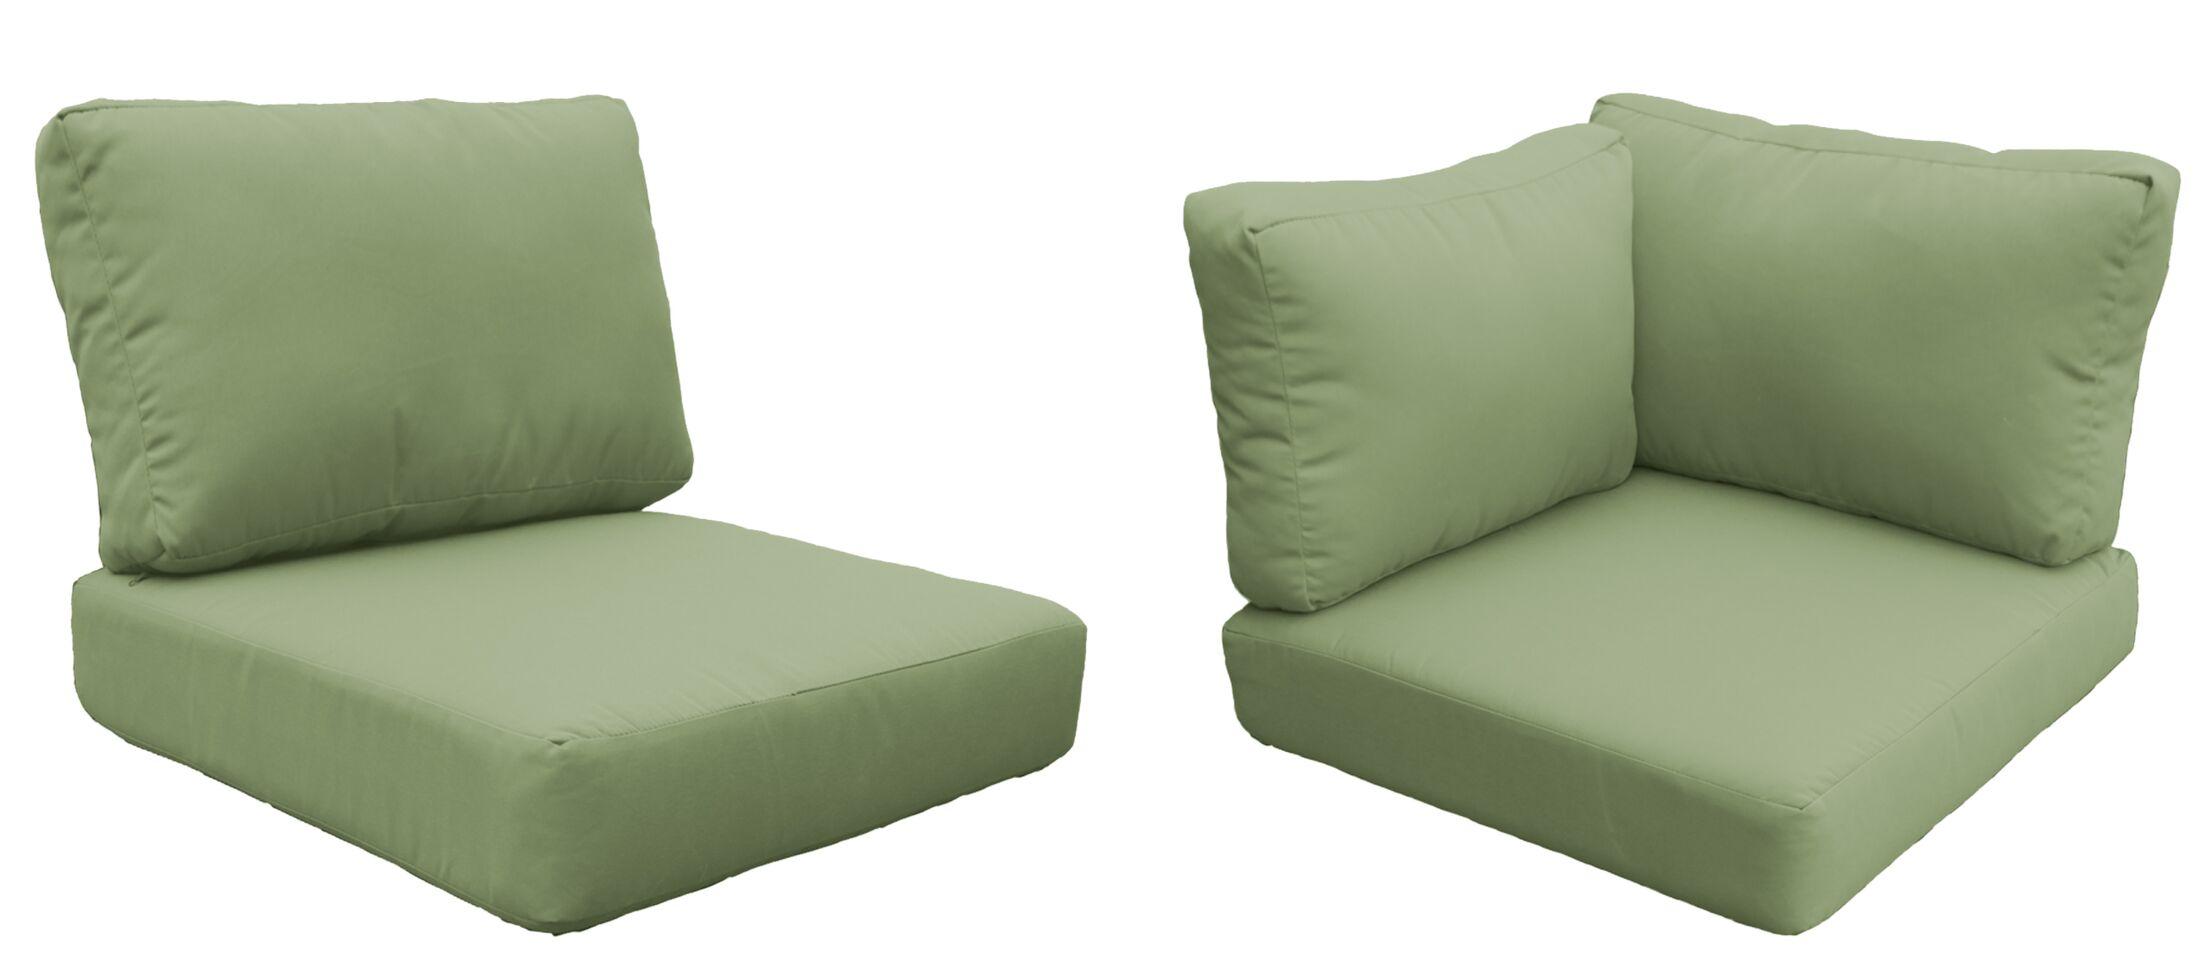 Barbados 8 Piece Outdoor Cushion Set Fabric: Cilantro